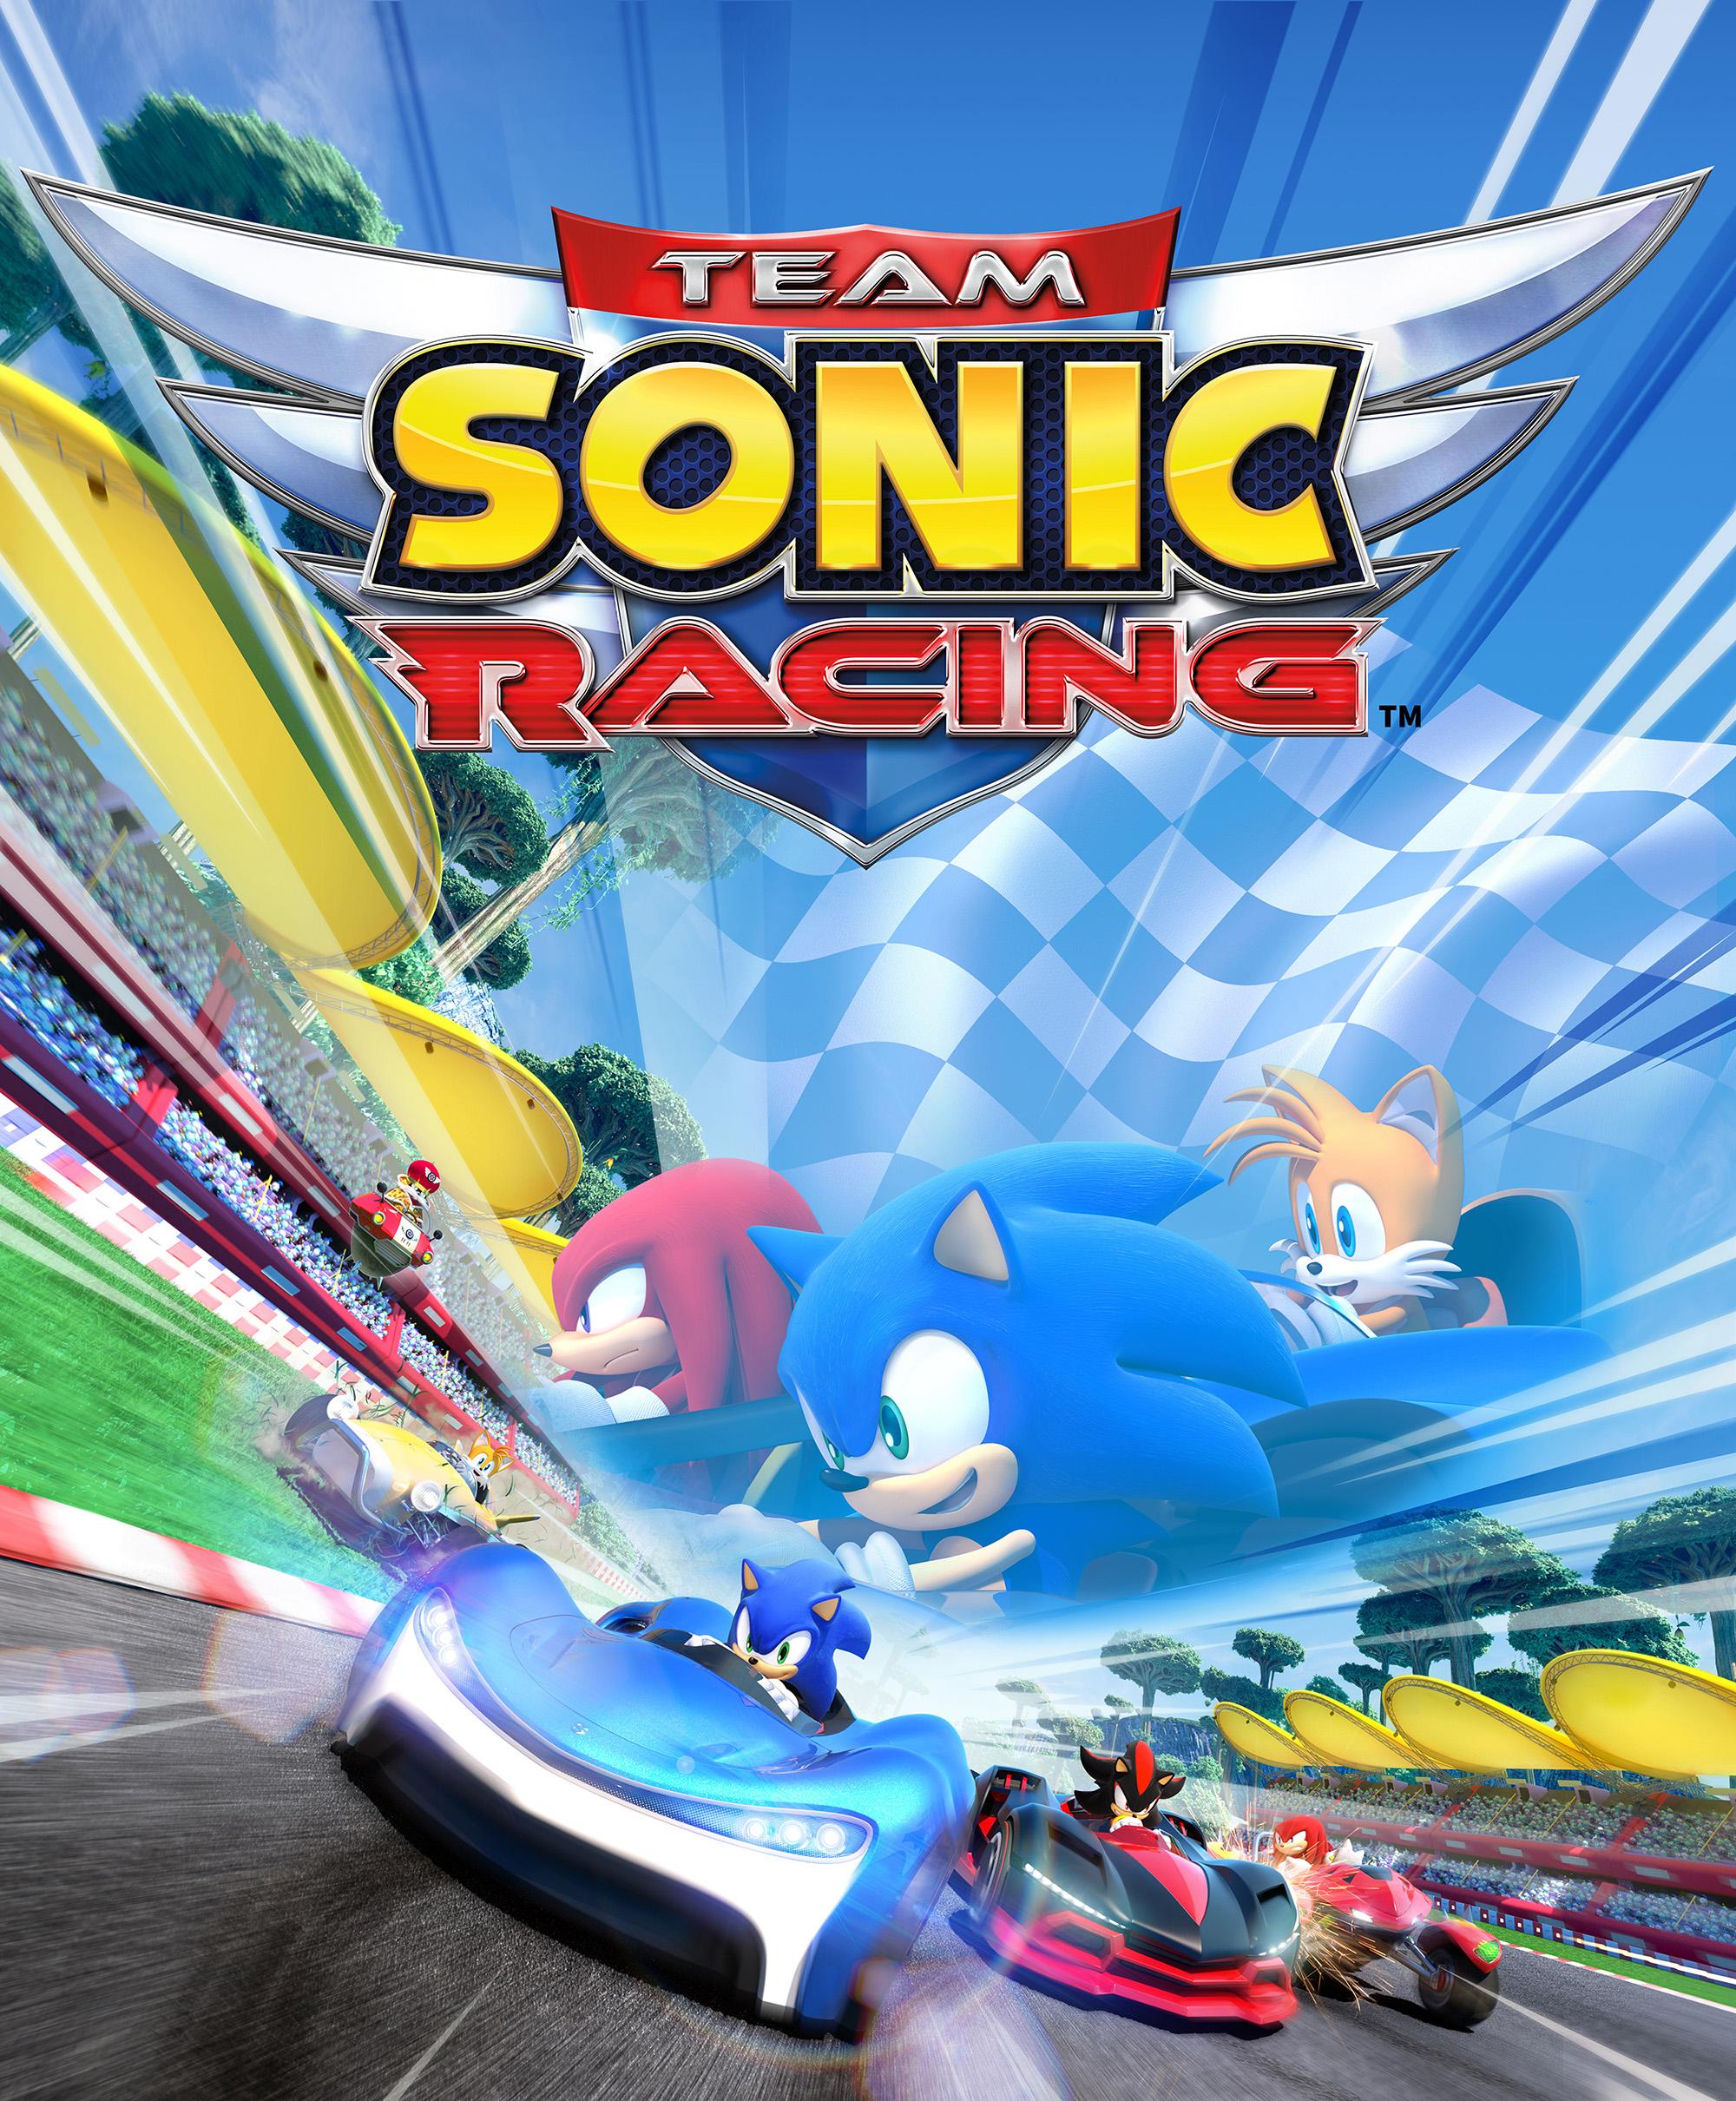 Team Sonic Racing Key Visual